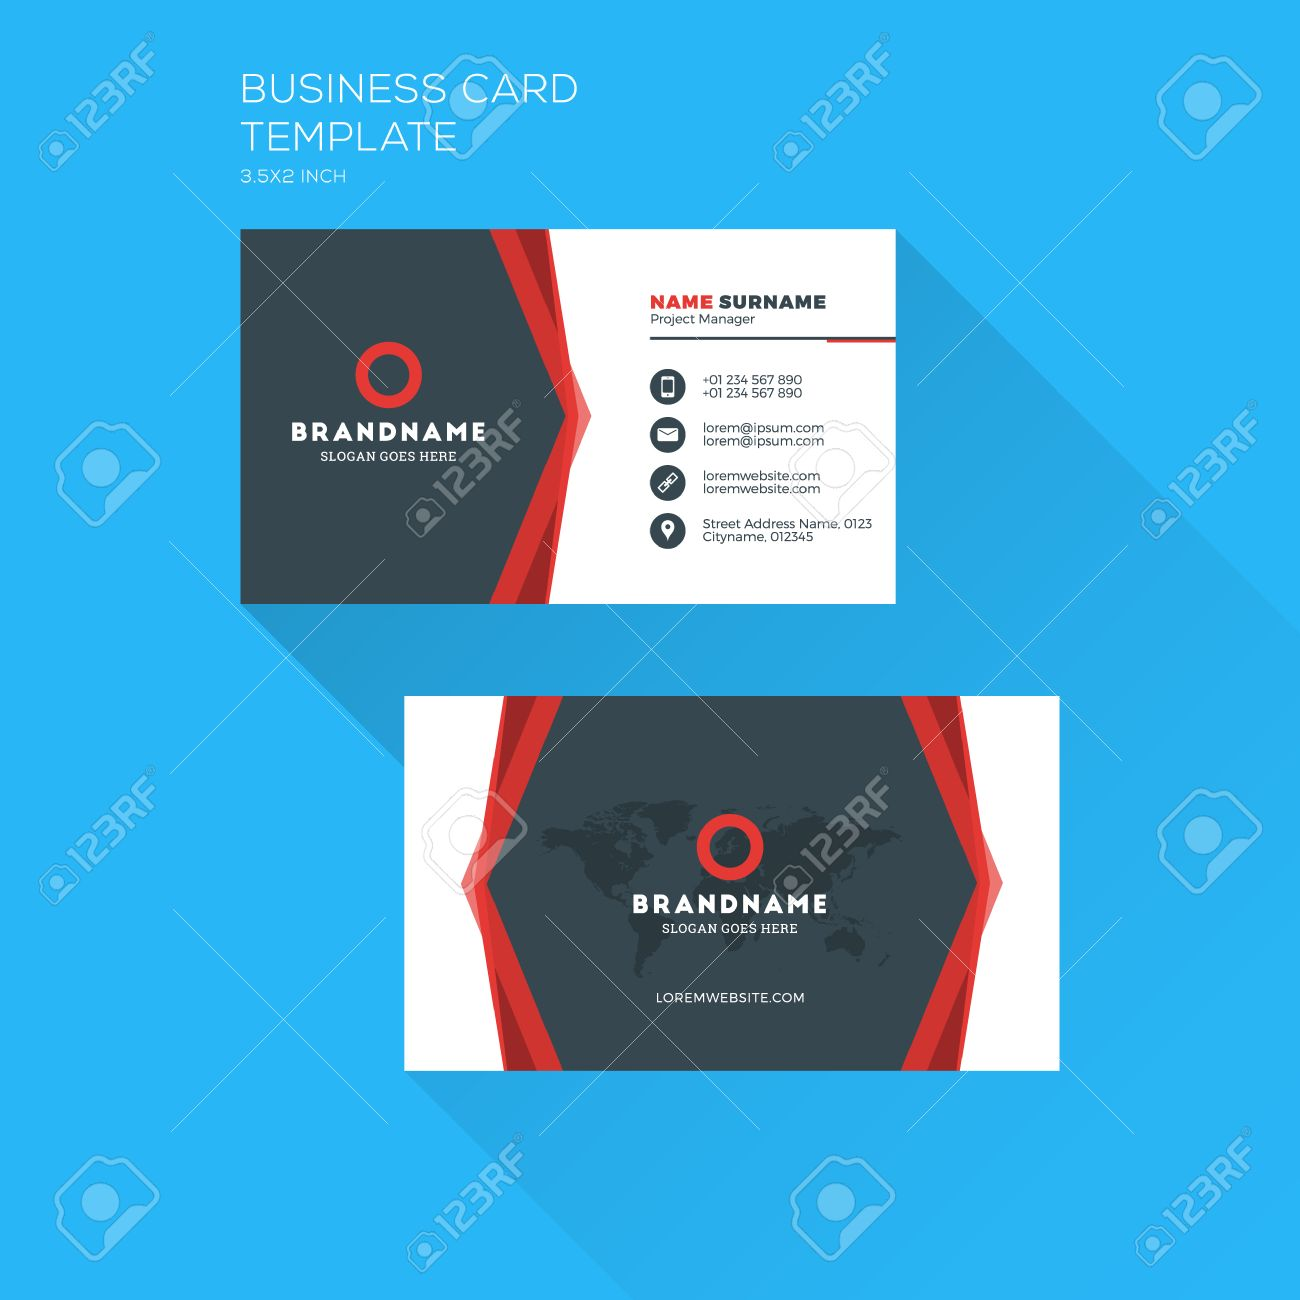 foto de archivo tarjeta de visita plantilla de impresin corporativa tarjeta de presentacin personal con la empresa diseo plana y limpia